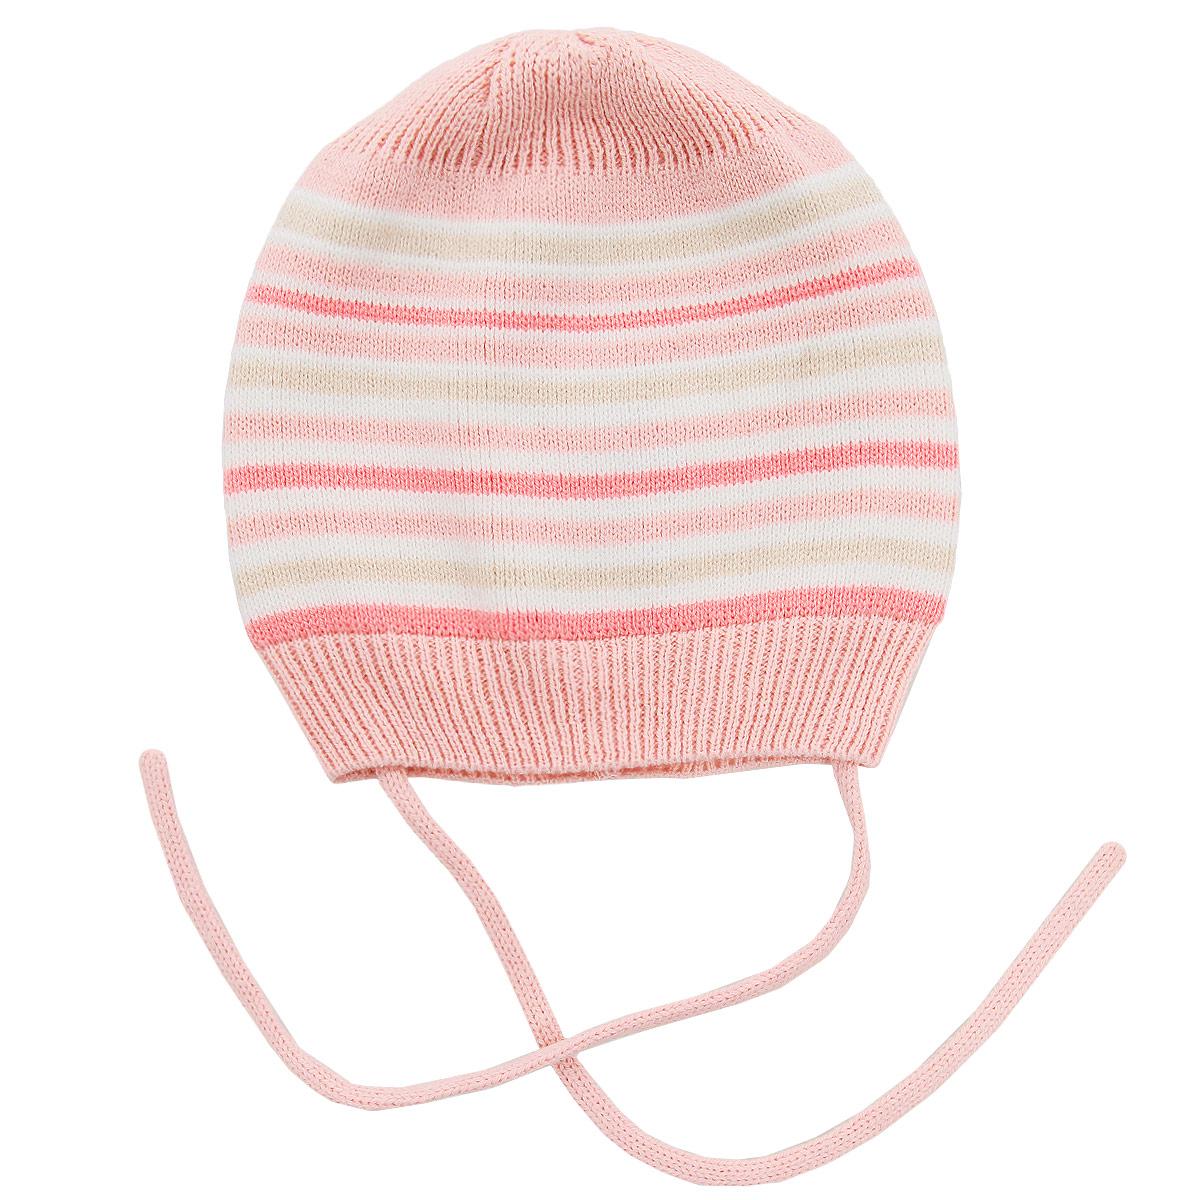 Шапка для девочки. 158807158807Тонкая трикотажная шапка для девочки PlayToday Baby прекрасно подойдет для прогулок в ветреную погоду. Изготовленная из хлопка с добавлением акрила, она необычайно мягкая и легкая, не раздражает нежную кожу ребенка и хорошо вентилируется. По краю модель связана резинкой. Изделие дополнено завязками, которые надежно фиксируют шапочку на голове малышки, и оформлено принтом в полоску. Такая шапка станет прекрасным дополнением к гардеробу маленькой модницы.